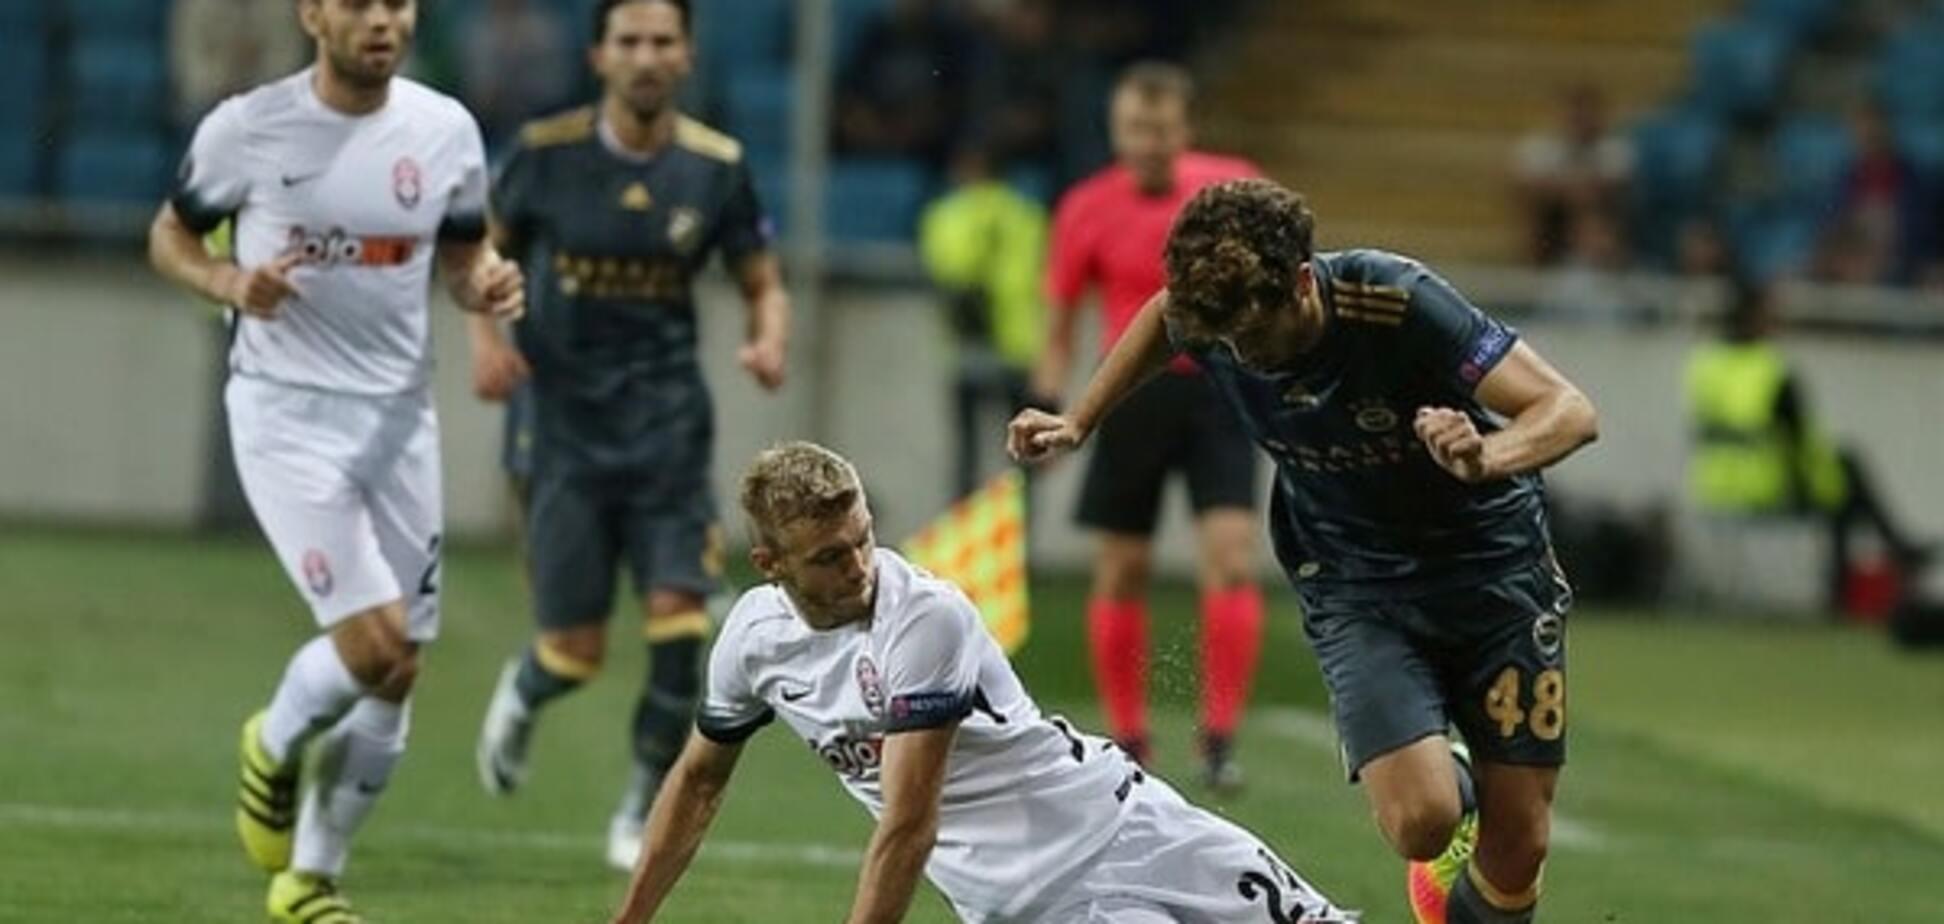 Луганская 'Заря' драматично сыграла вничью с 'Фенербахче' в Лиге Европы